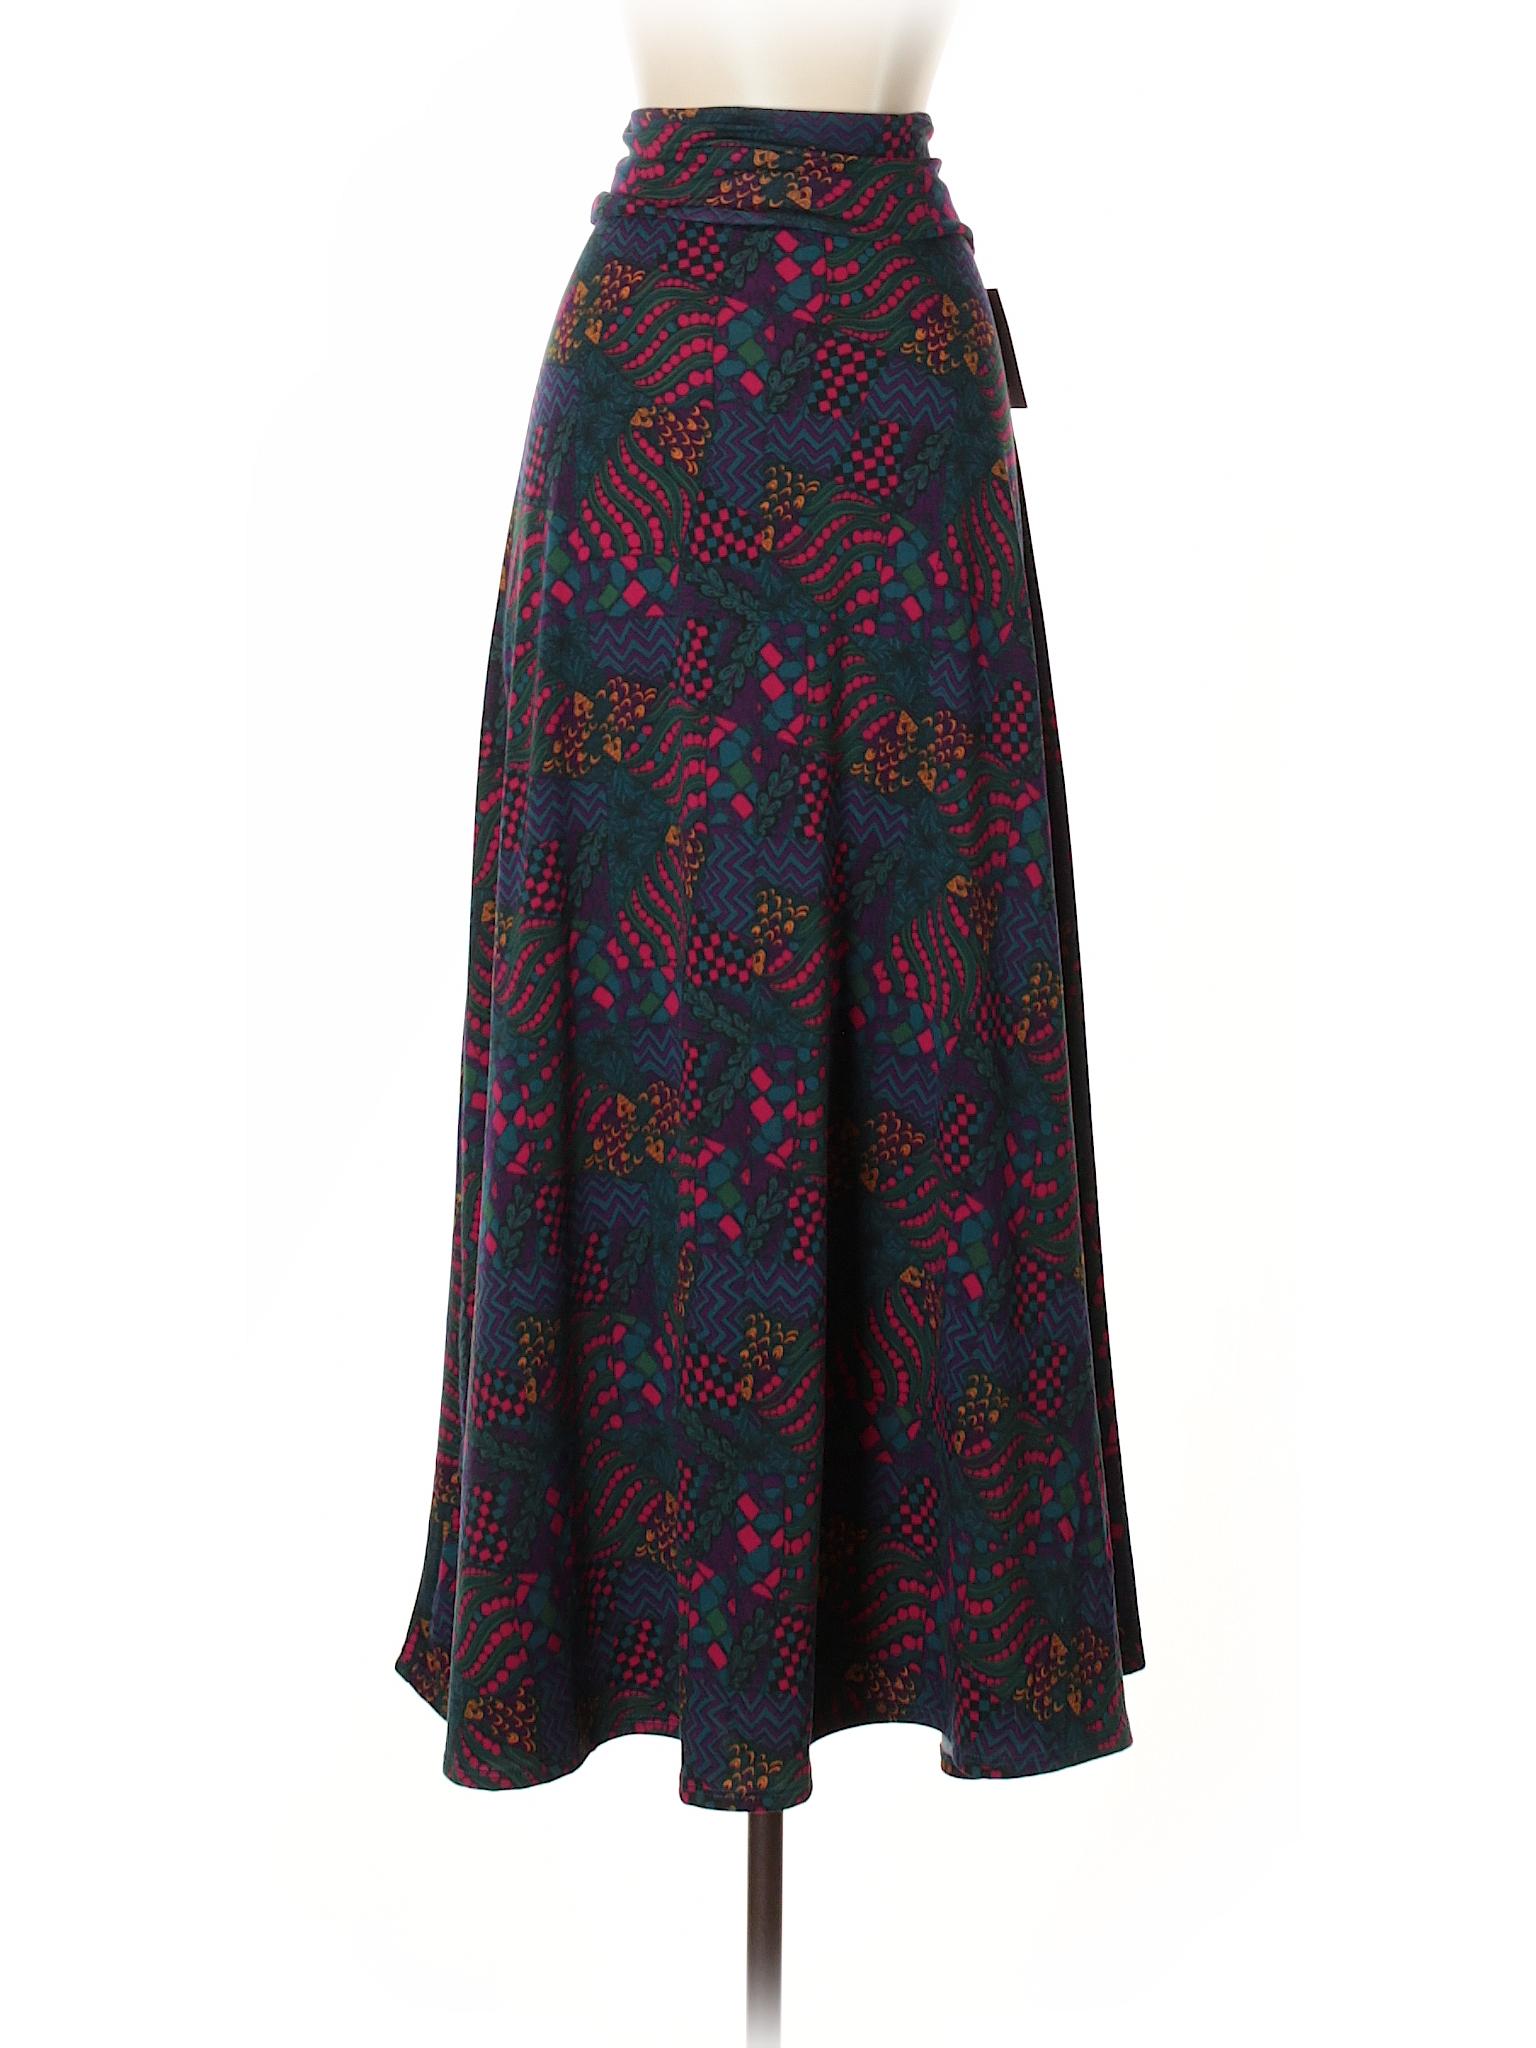 Skirt Boutique Skirt Casual Casual Boutique Boutique w88qPXr